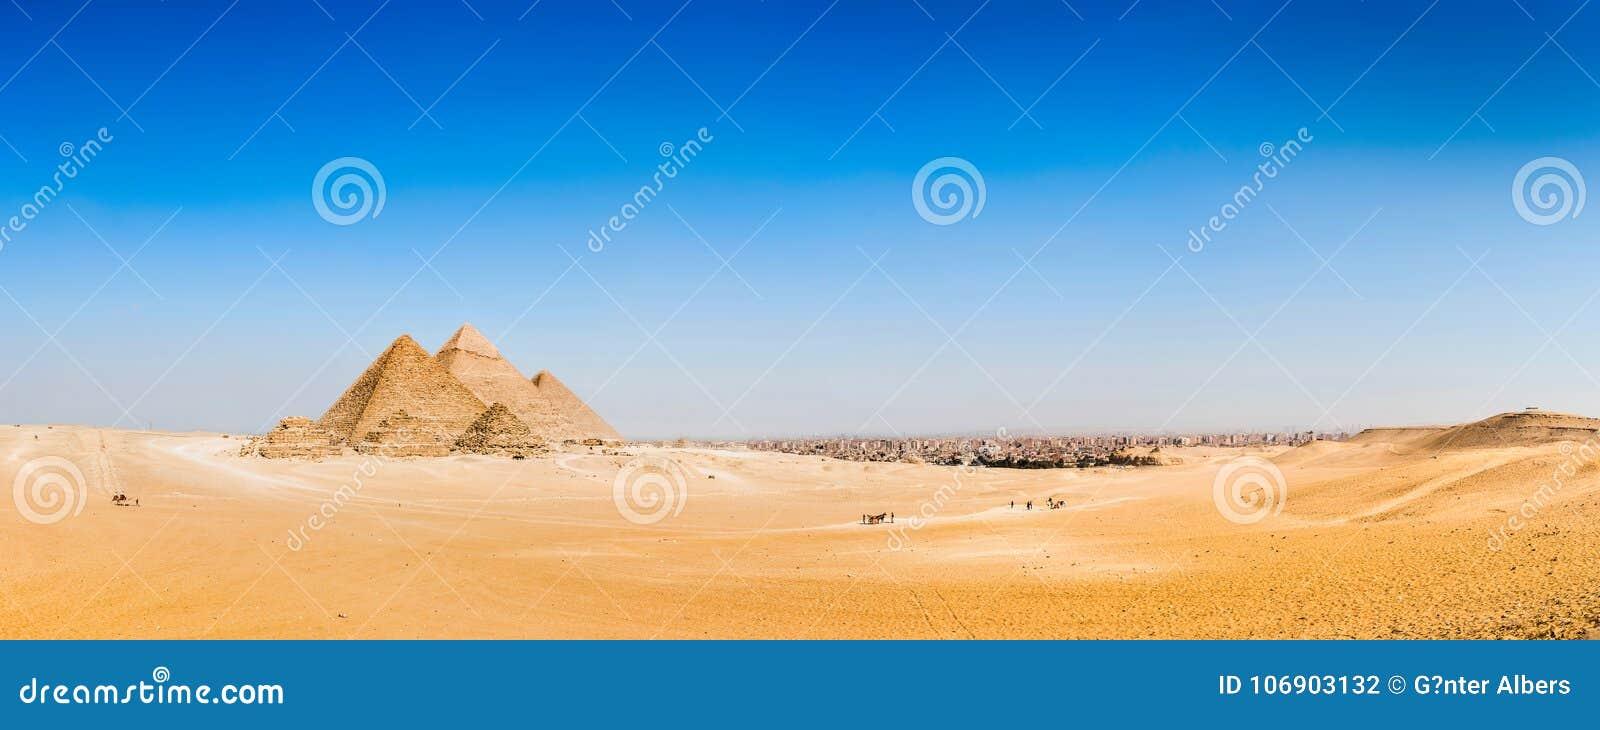 Pustynia z wielkimi ostrosłupami Giza